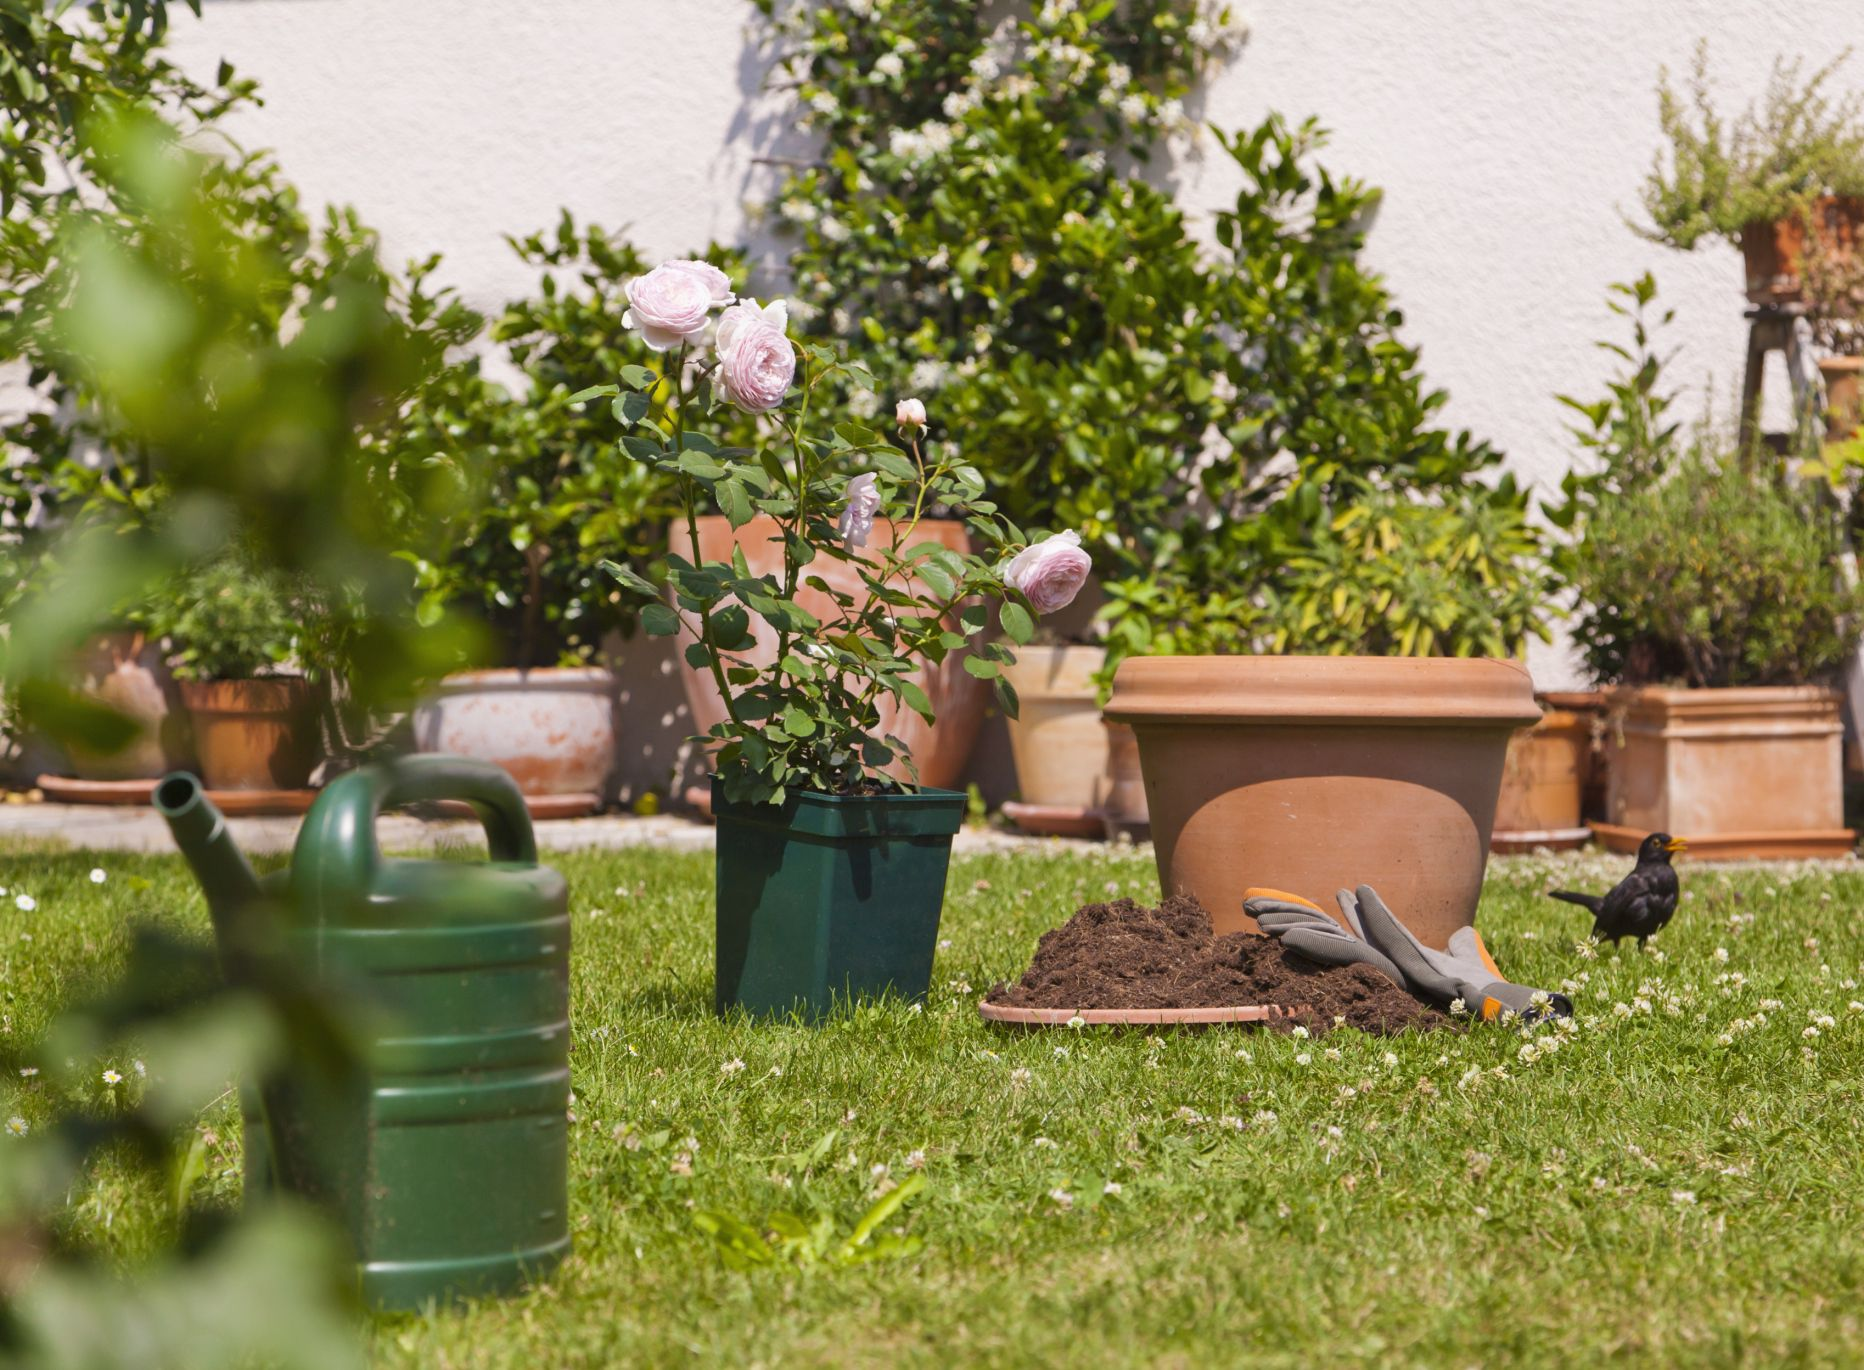 Reglas de jardiner a para principiantes y aficionados - Todo sobre jardineria ...